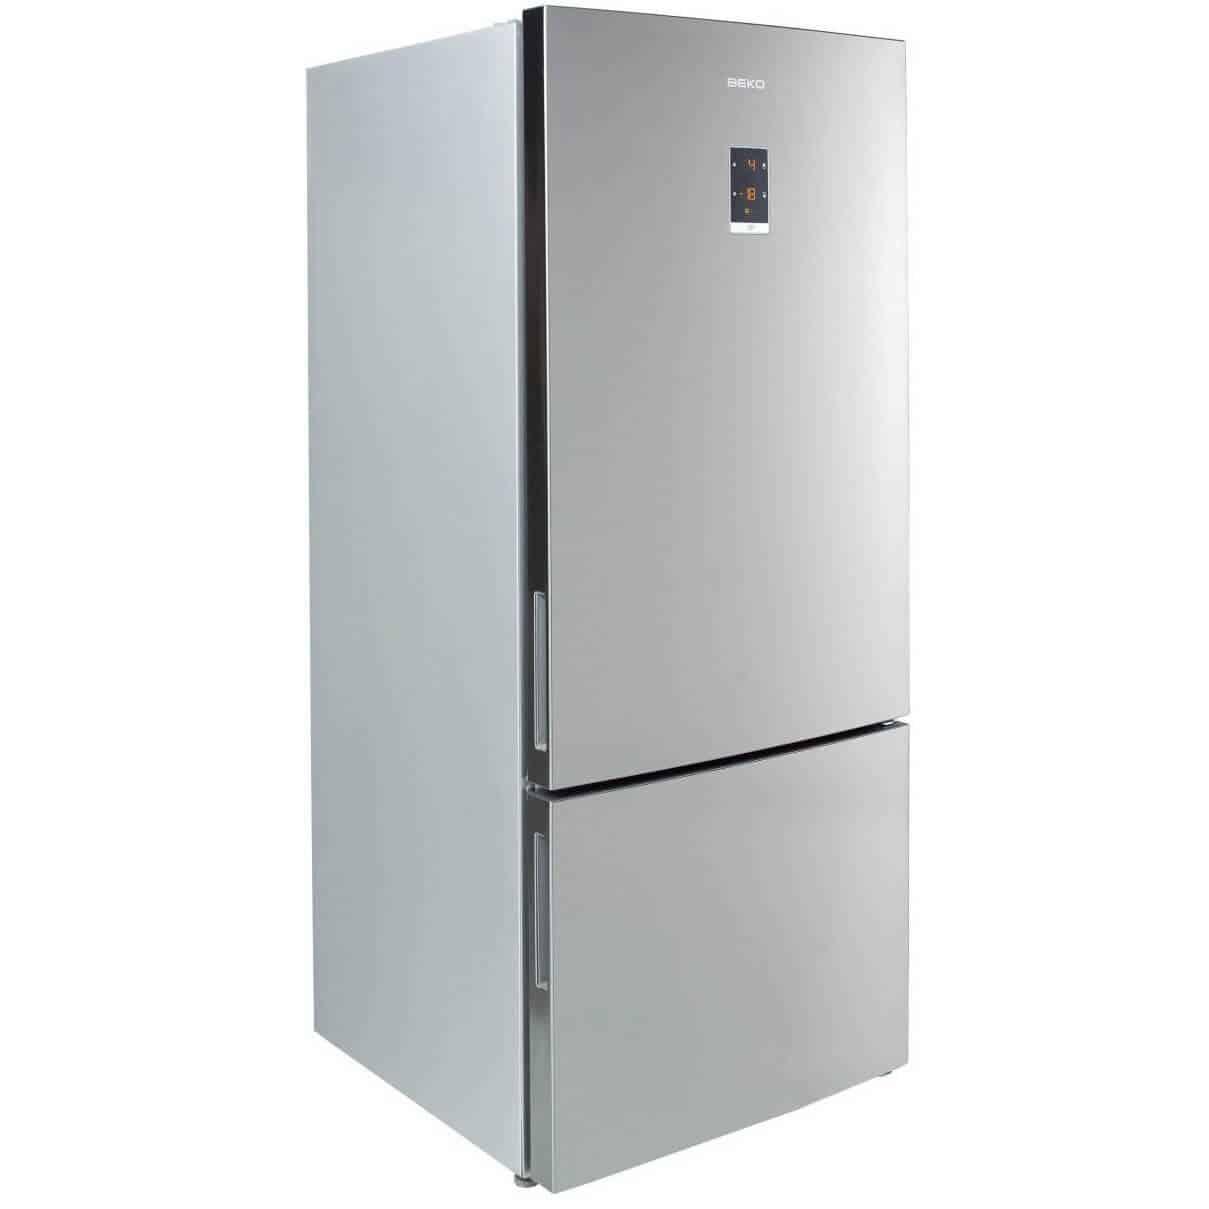 Beko CN158230X, 520 l, Clasa A++ - Combina frigorifica cu volum foarte mare